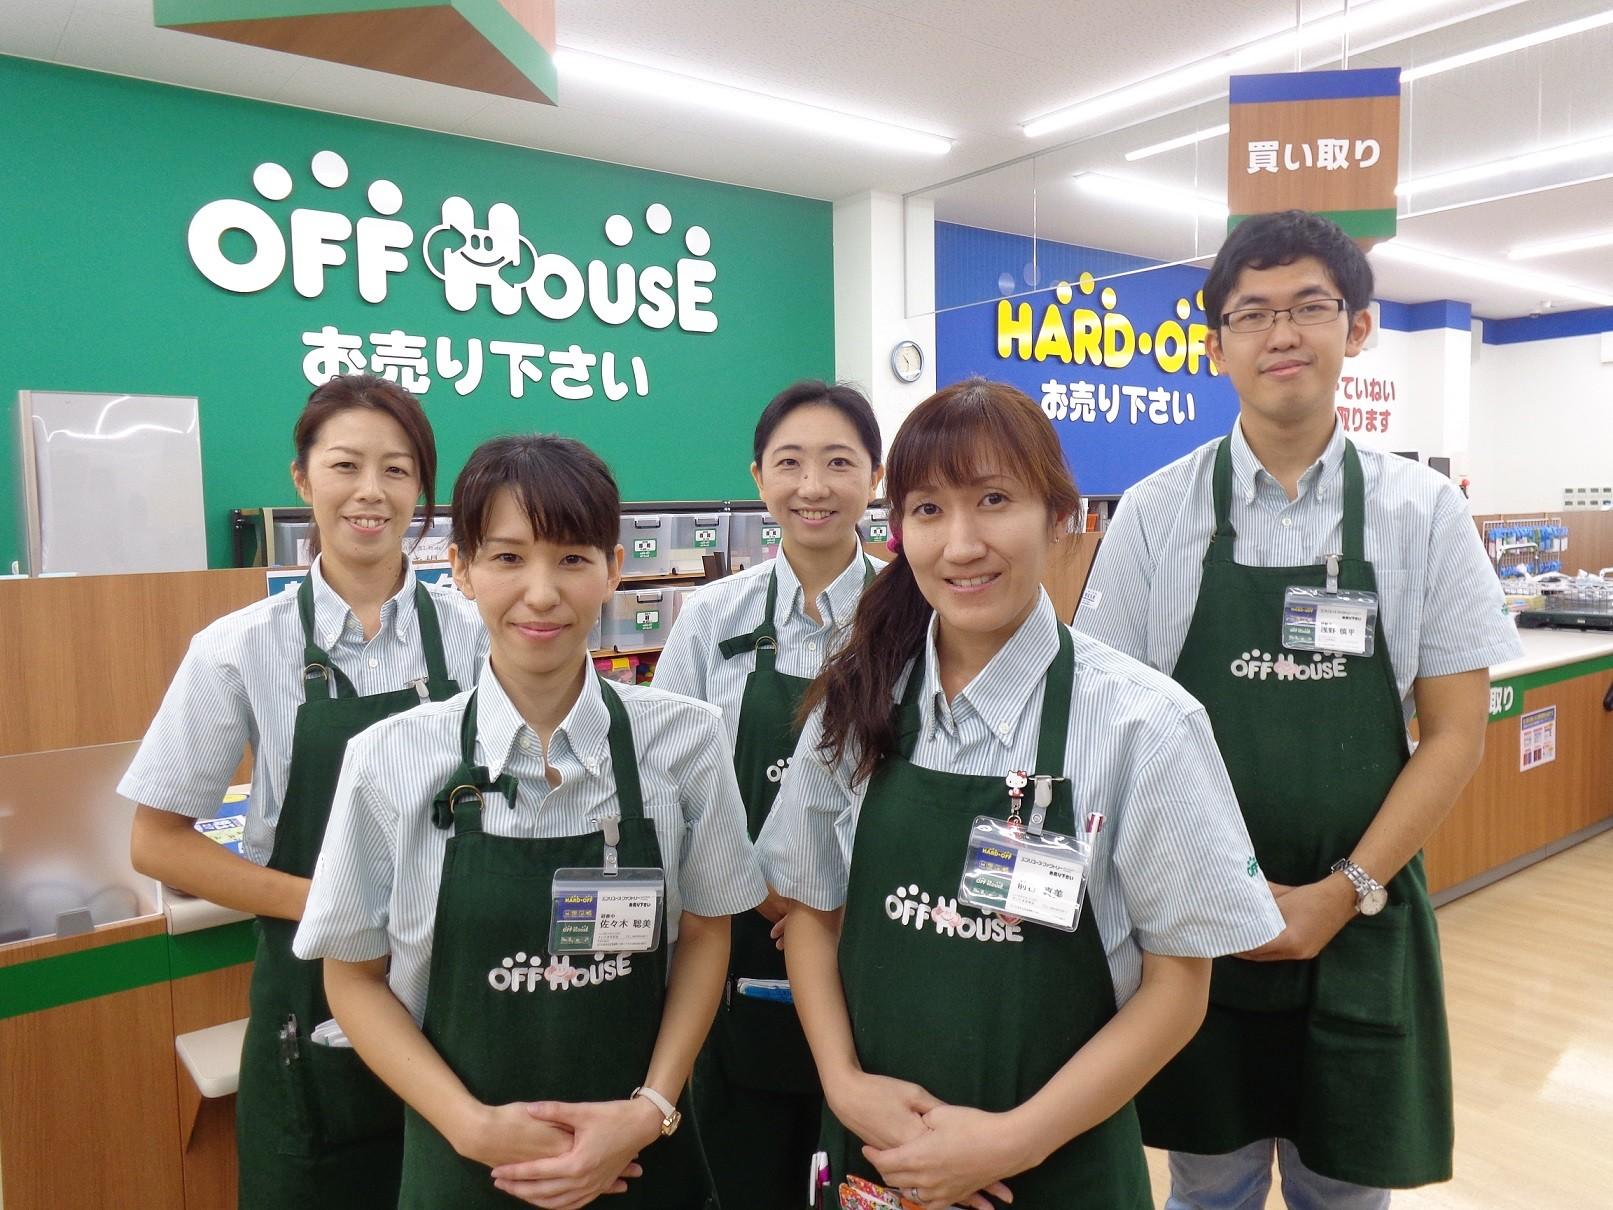 オフハウス 鶴ヶ島新町店 のアルバイト情報